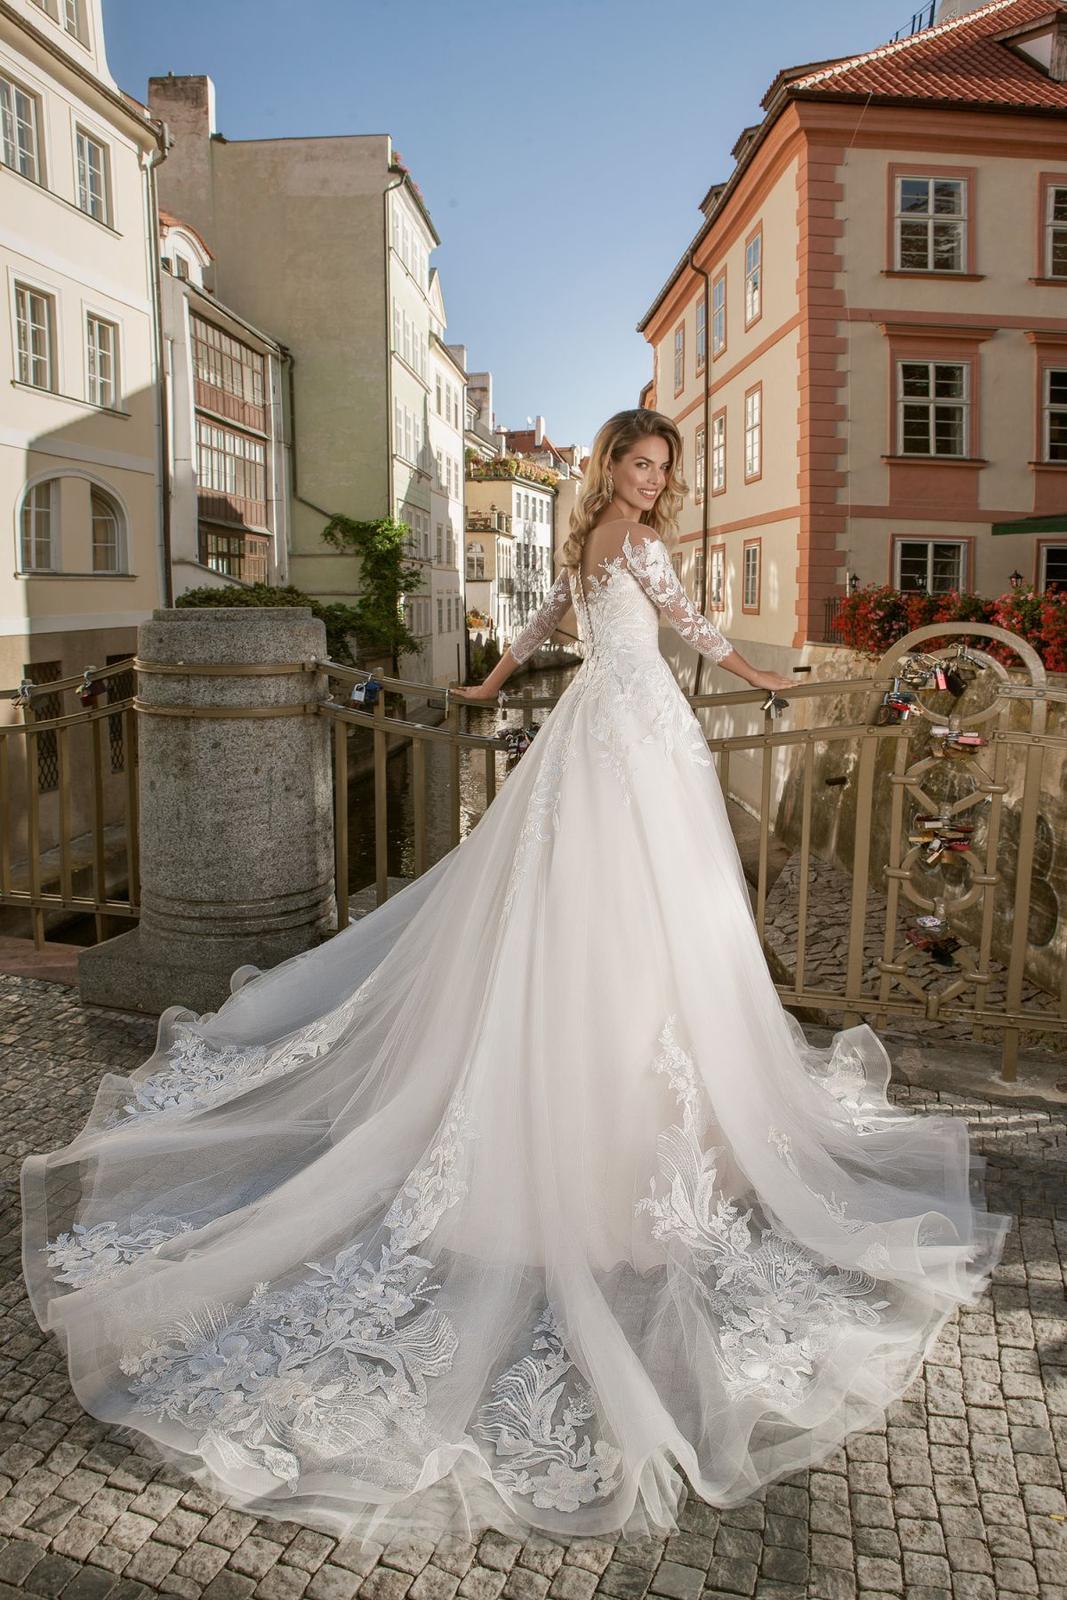 Eva Grandes princeznovské svatební šaty - Lillian záda svatební šaty